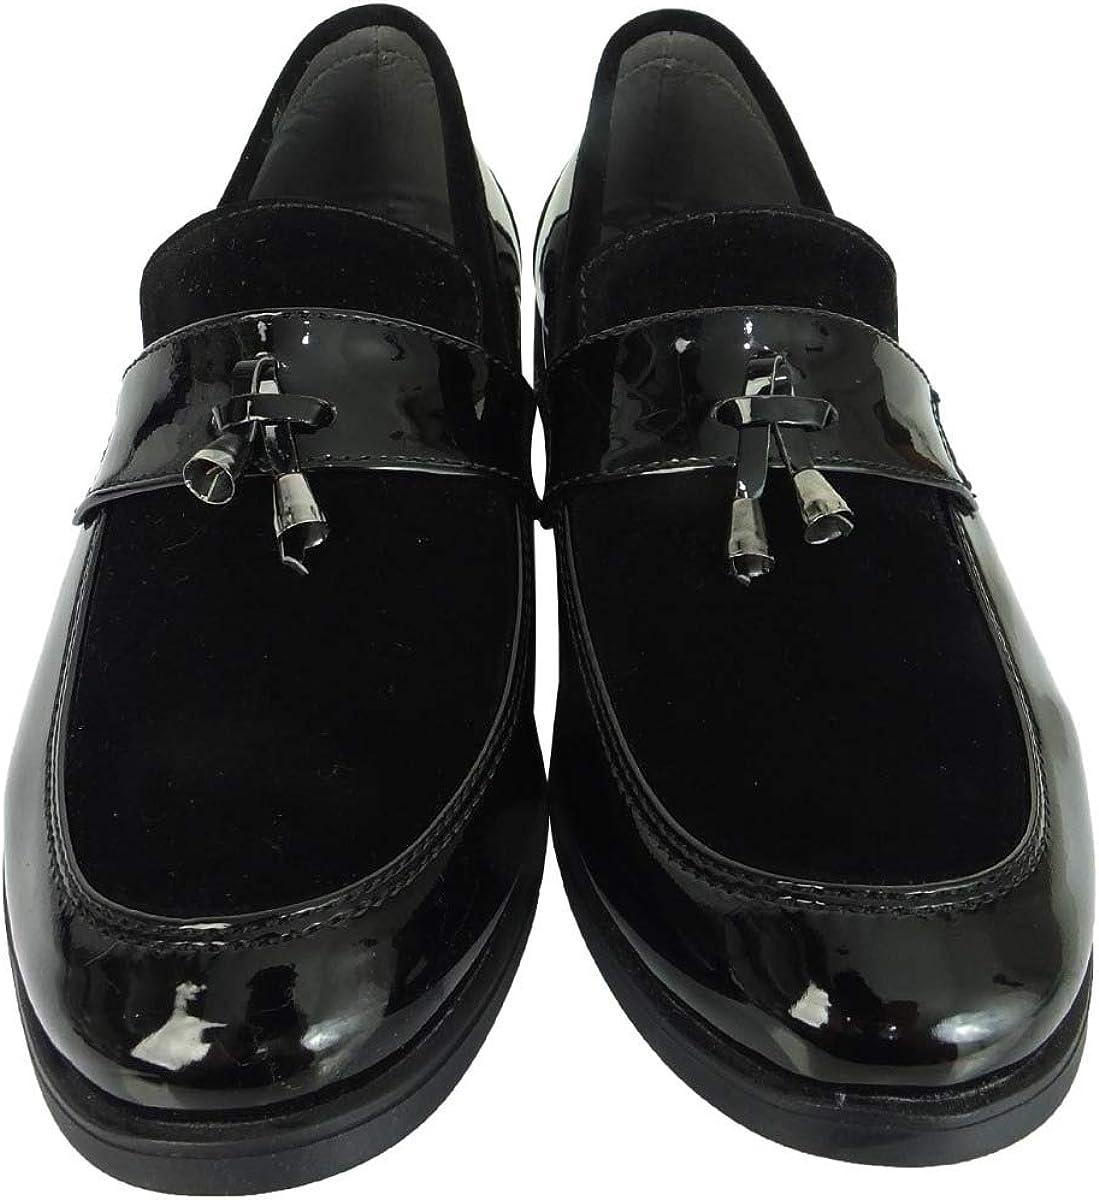 Enfants Filles Chaussures Verni Brillant Talon Bas Mocassins School Formelle à Enfiler NEUF BOX Taille